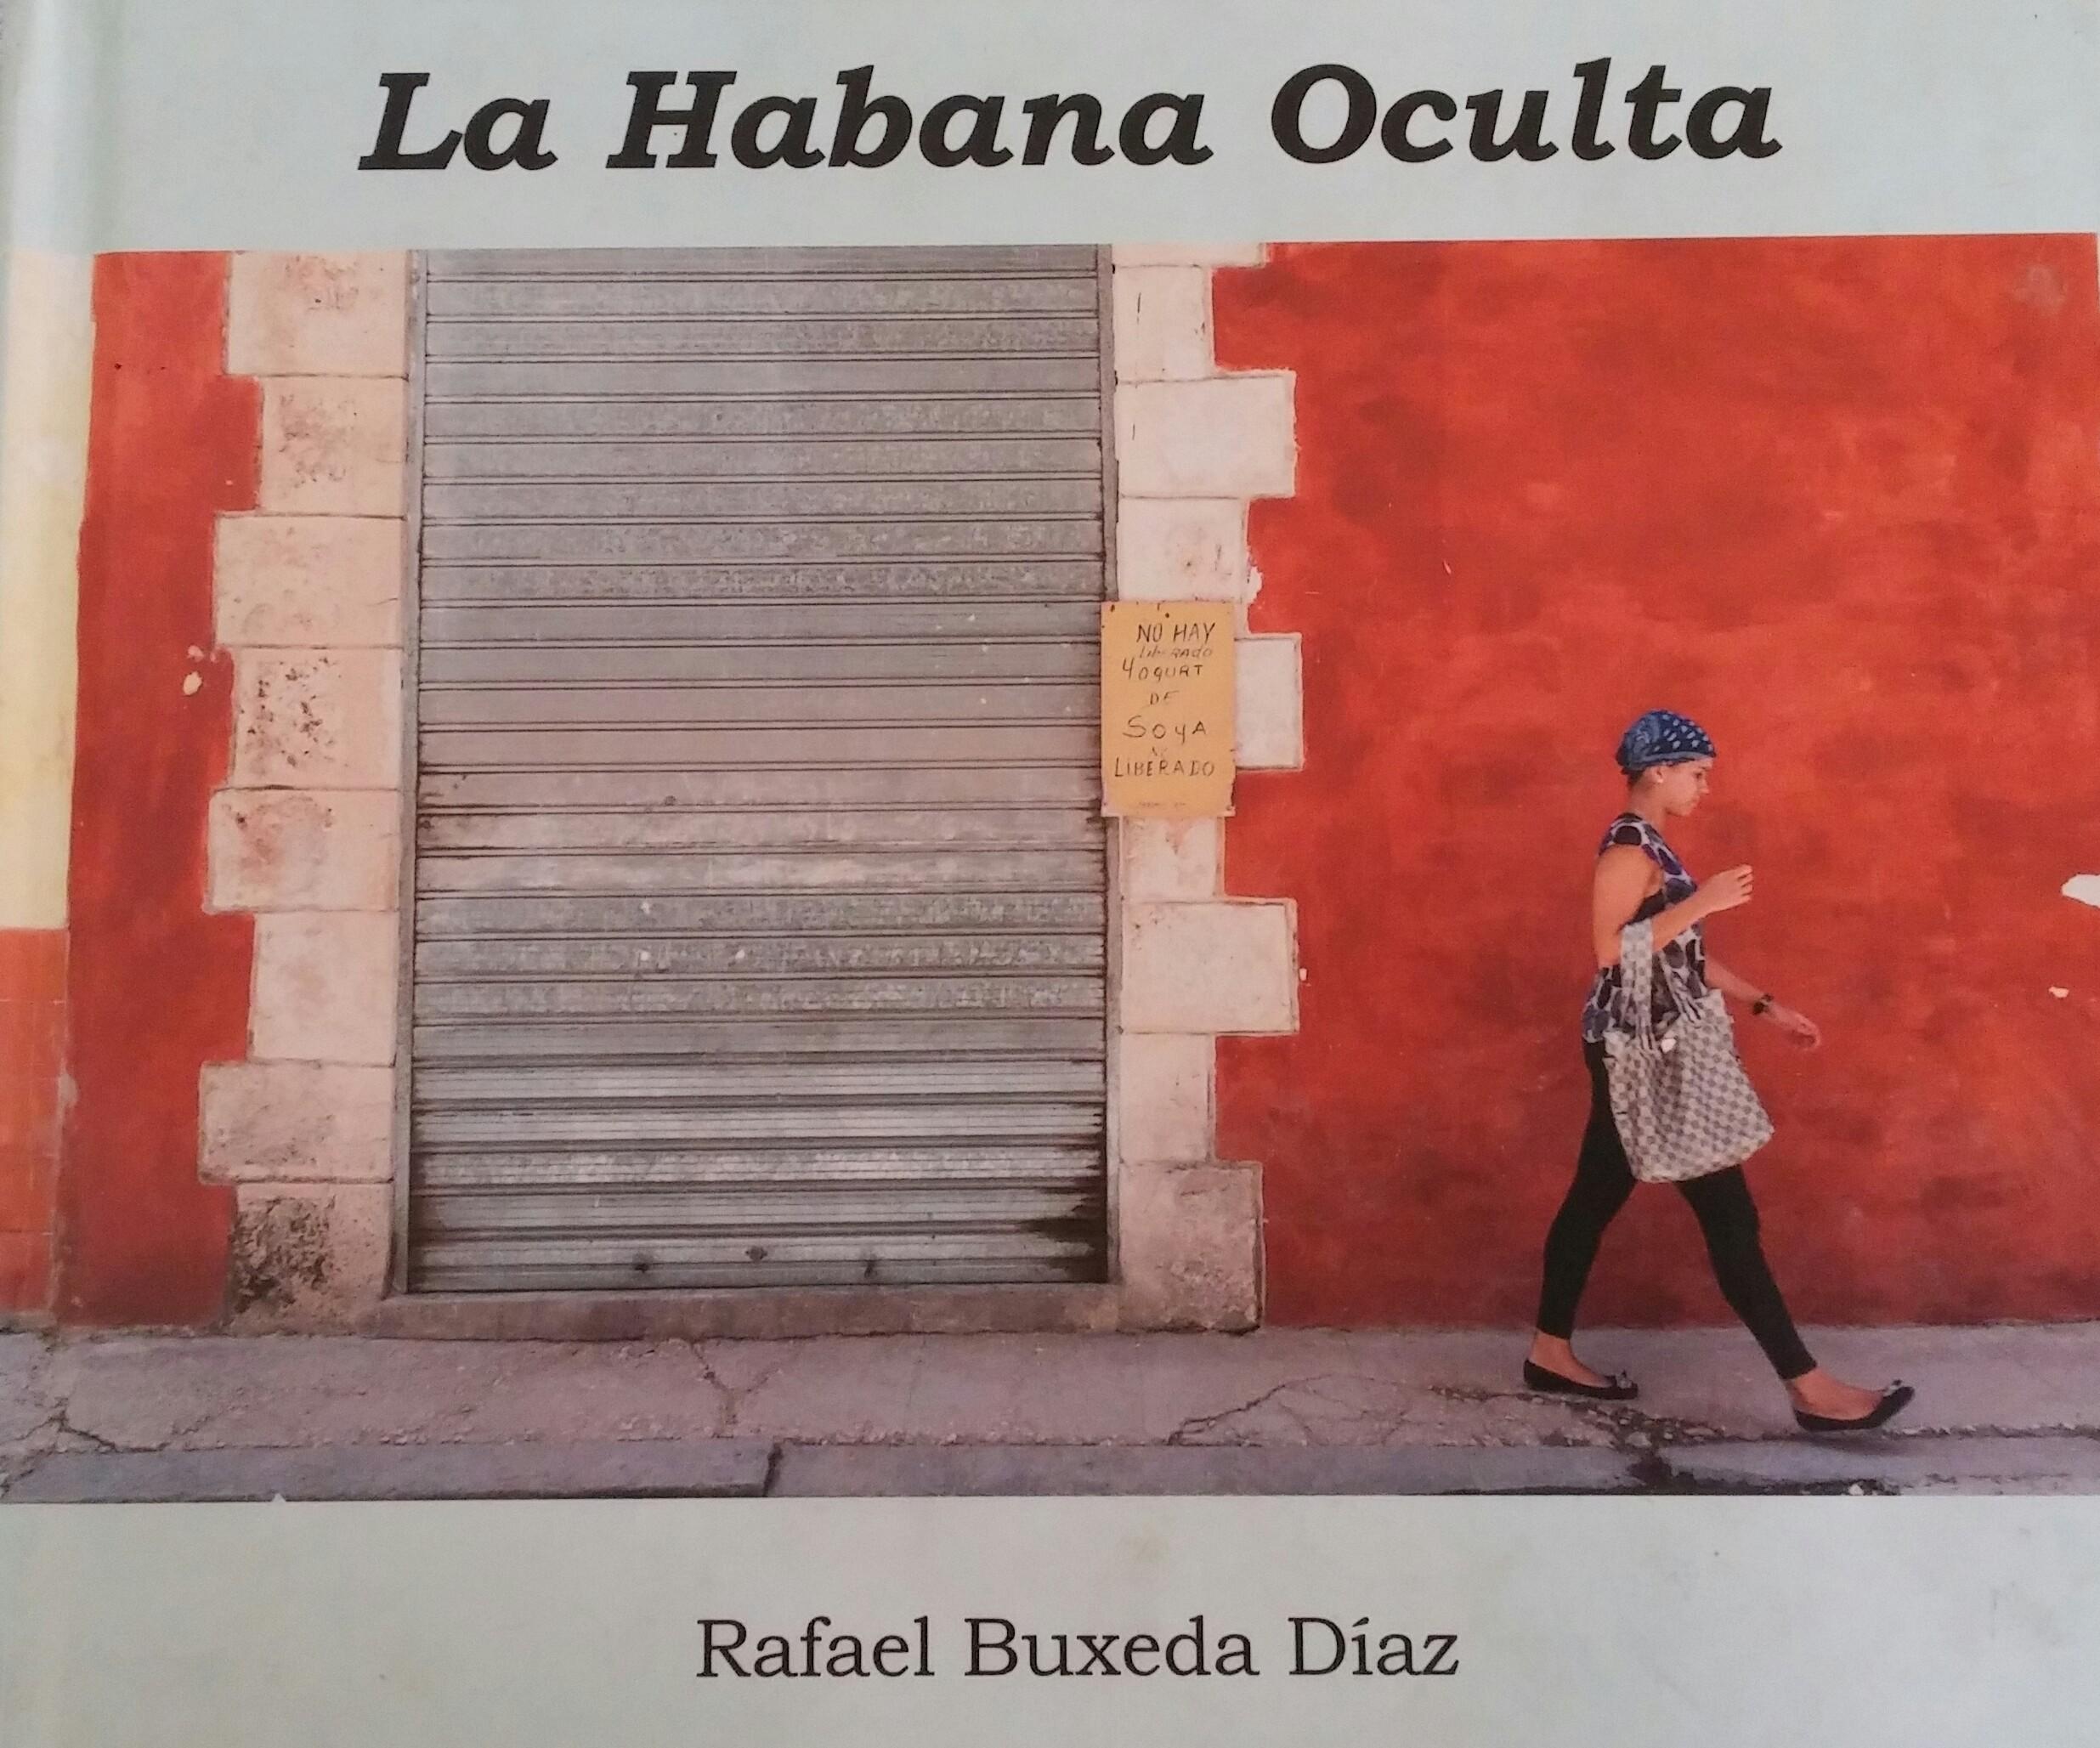 El libro de Rafael Buxeda Díaz se nutre de imágenes de La Habana contemporánea.